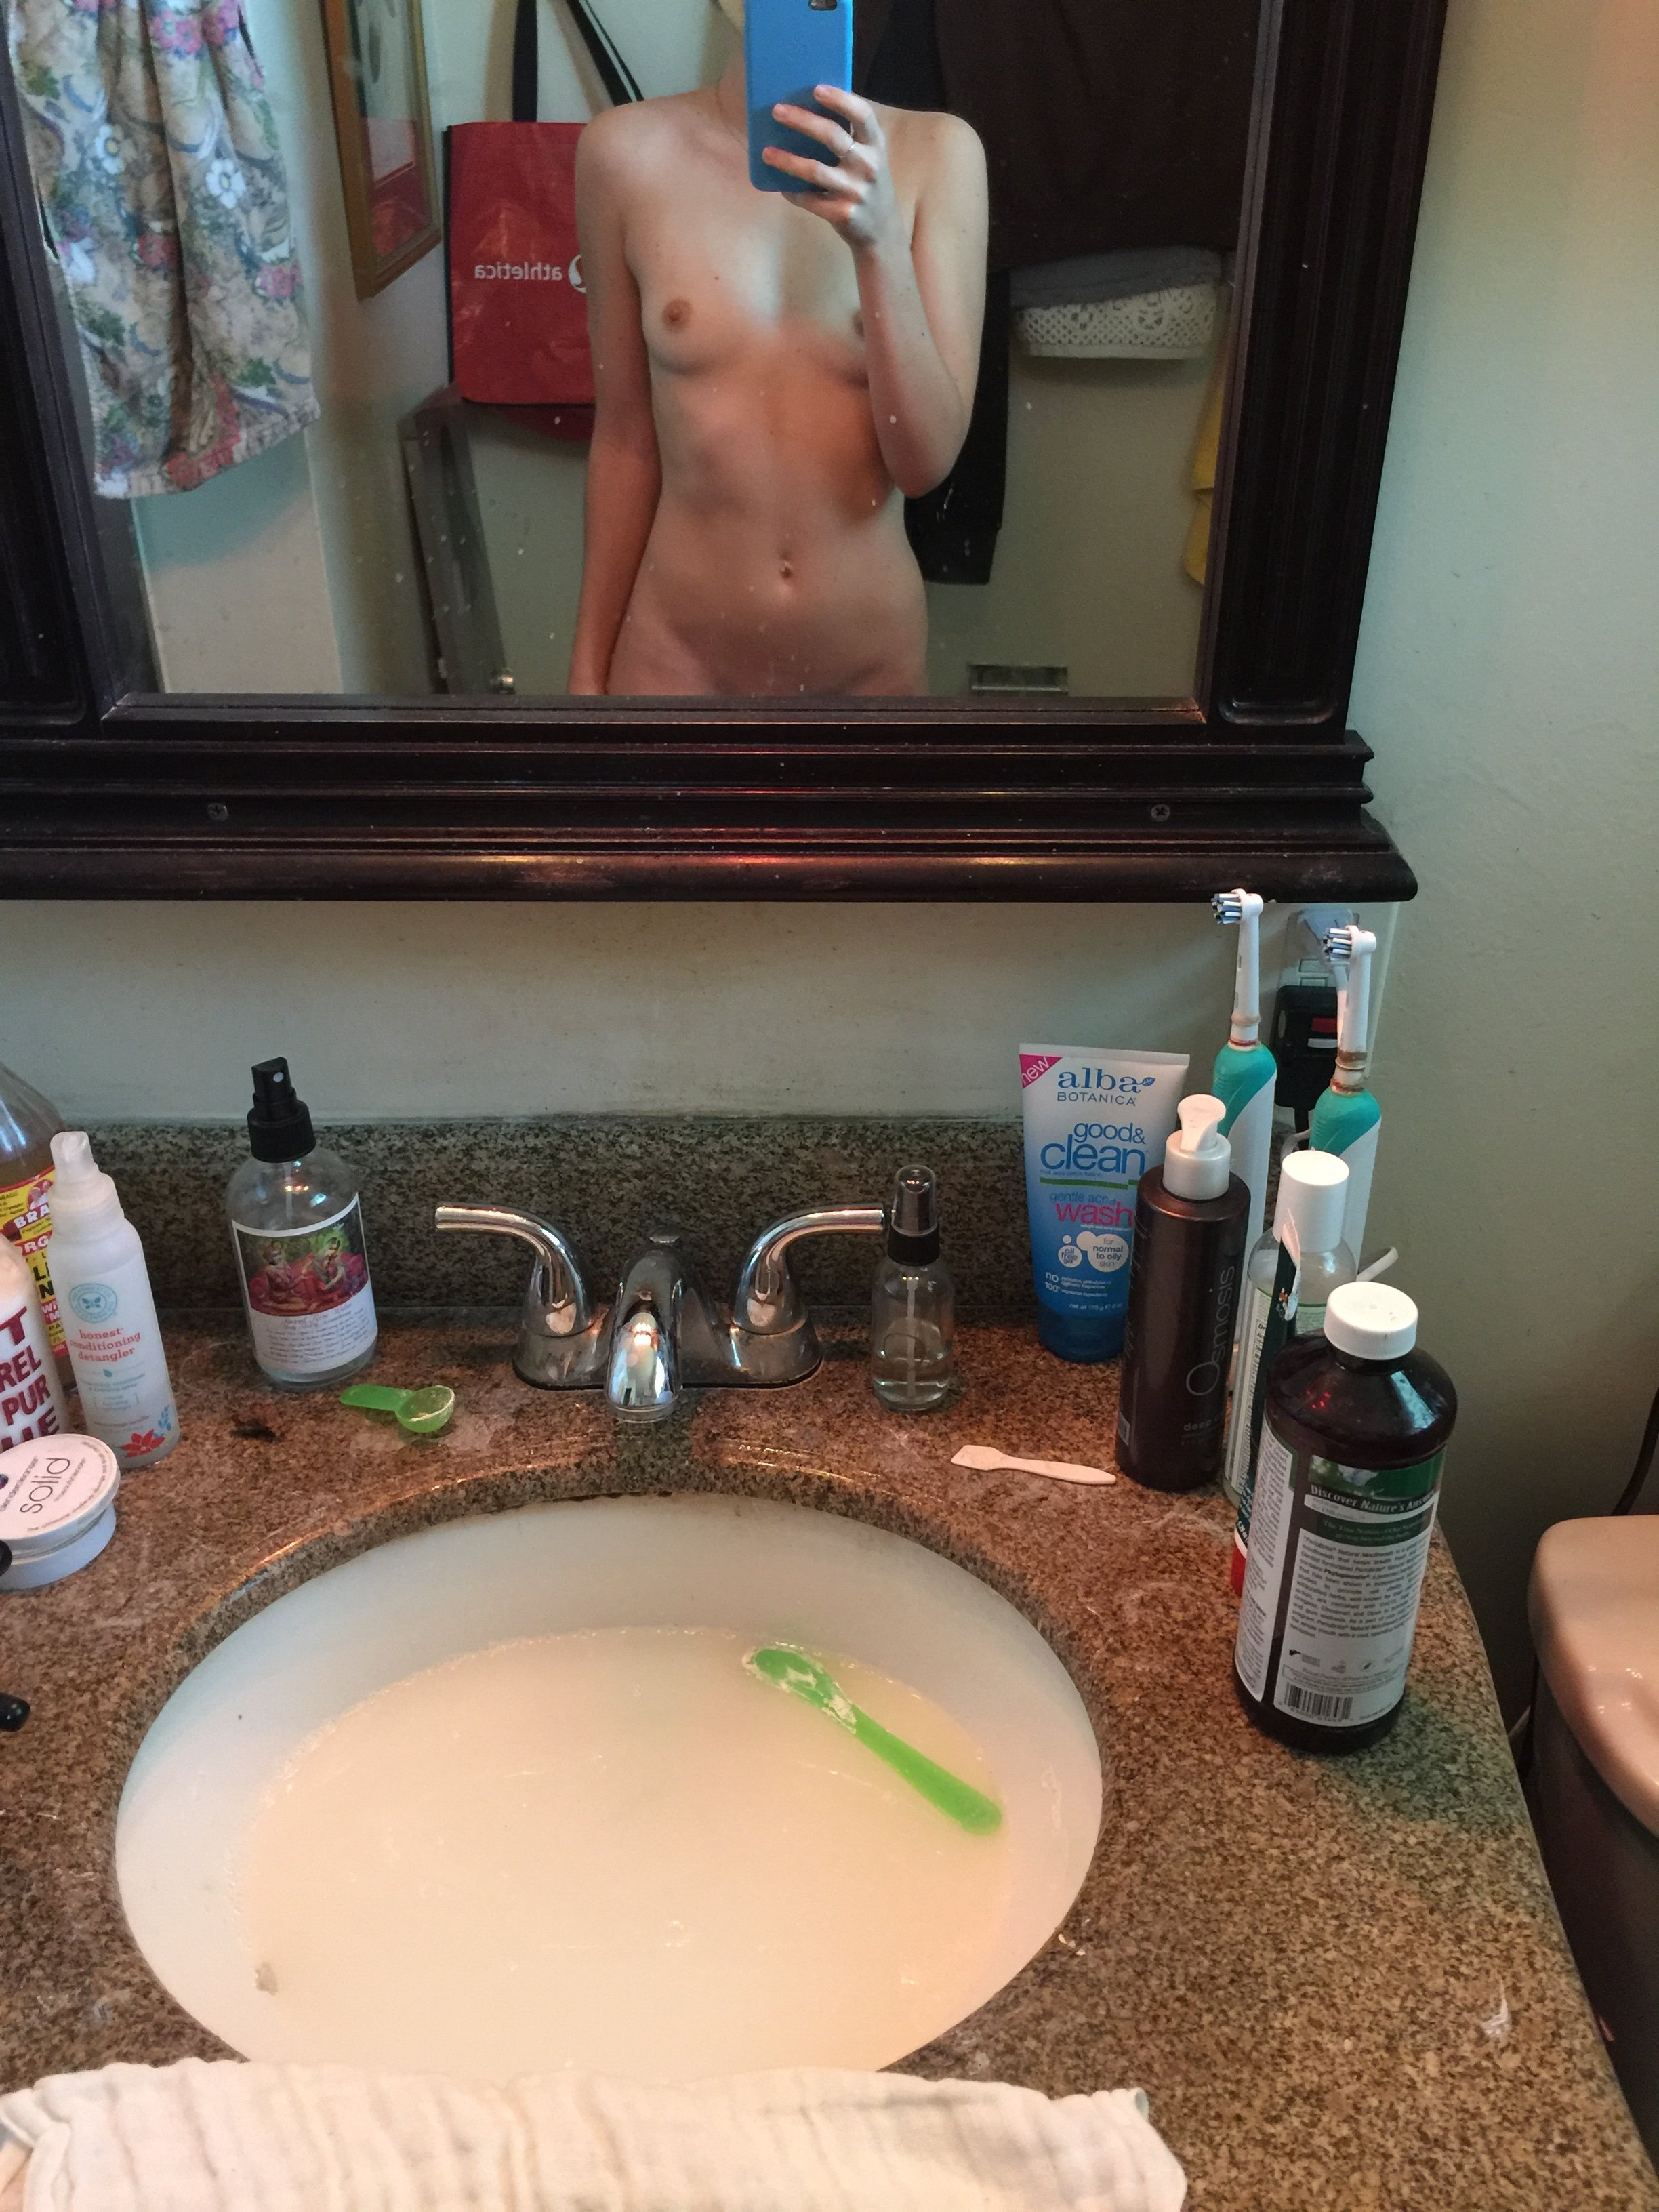 Alexa Nikolas pussy fucked